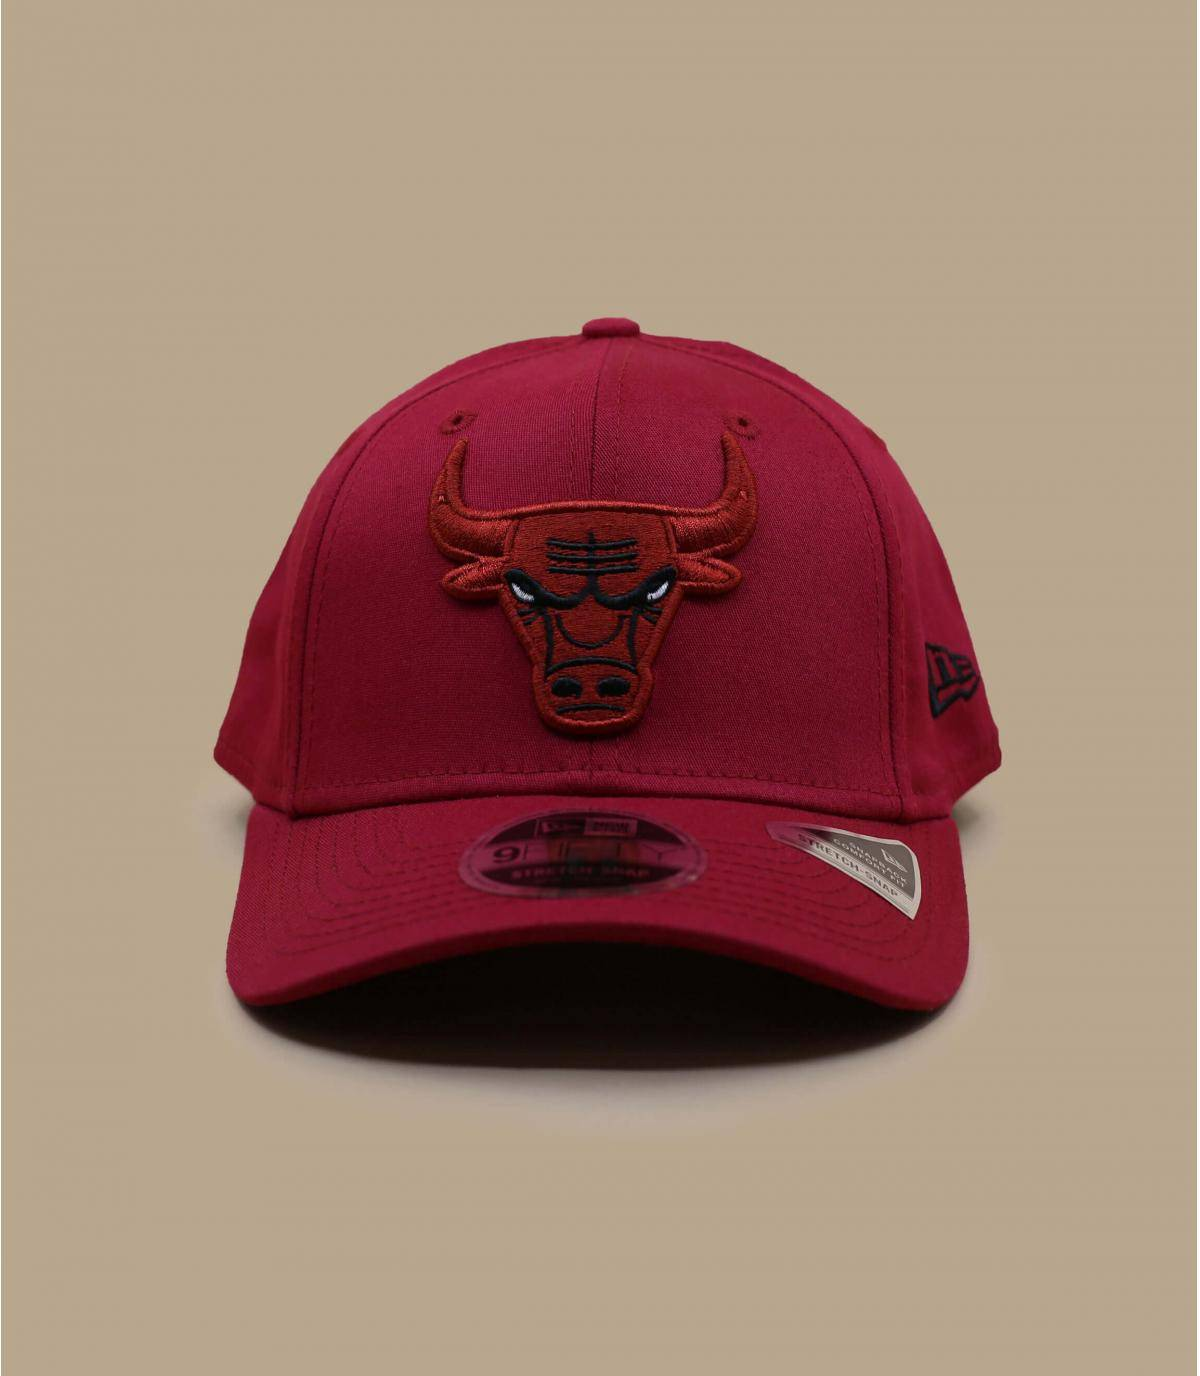 Détails Casquette League Ess 950 Bulls cardinal - image 2